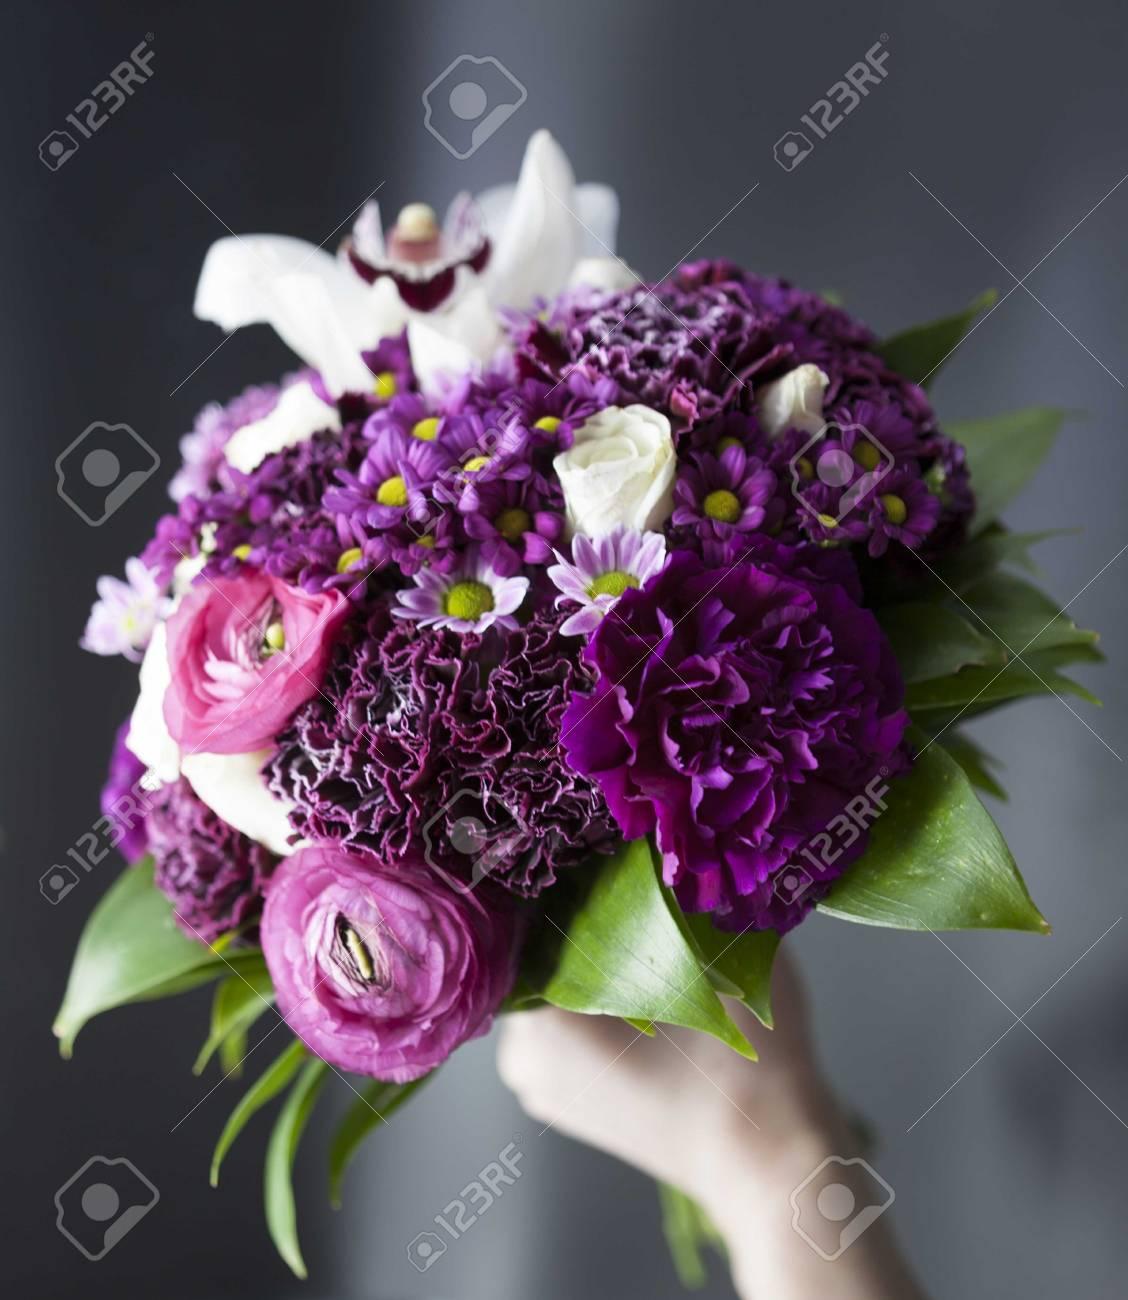 Mazzo Di Fiori Viola.Immagini Stock Bellissimo Bouquet Di Fiori Viola Sposa Su Uno